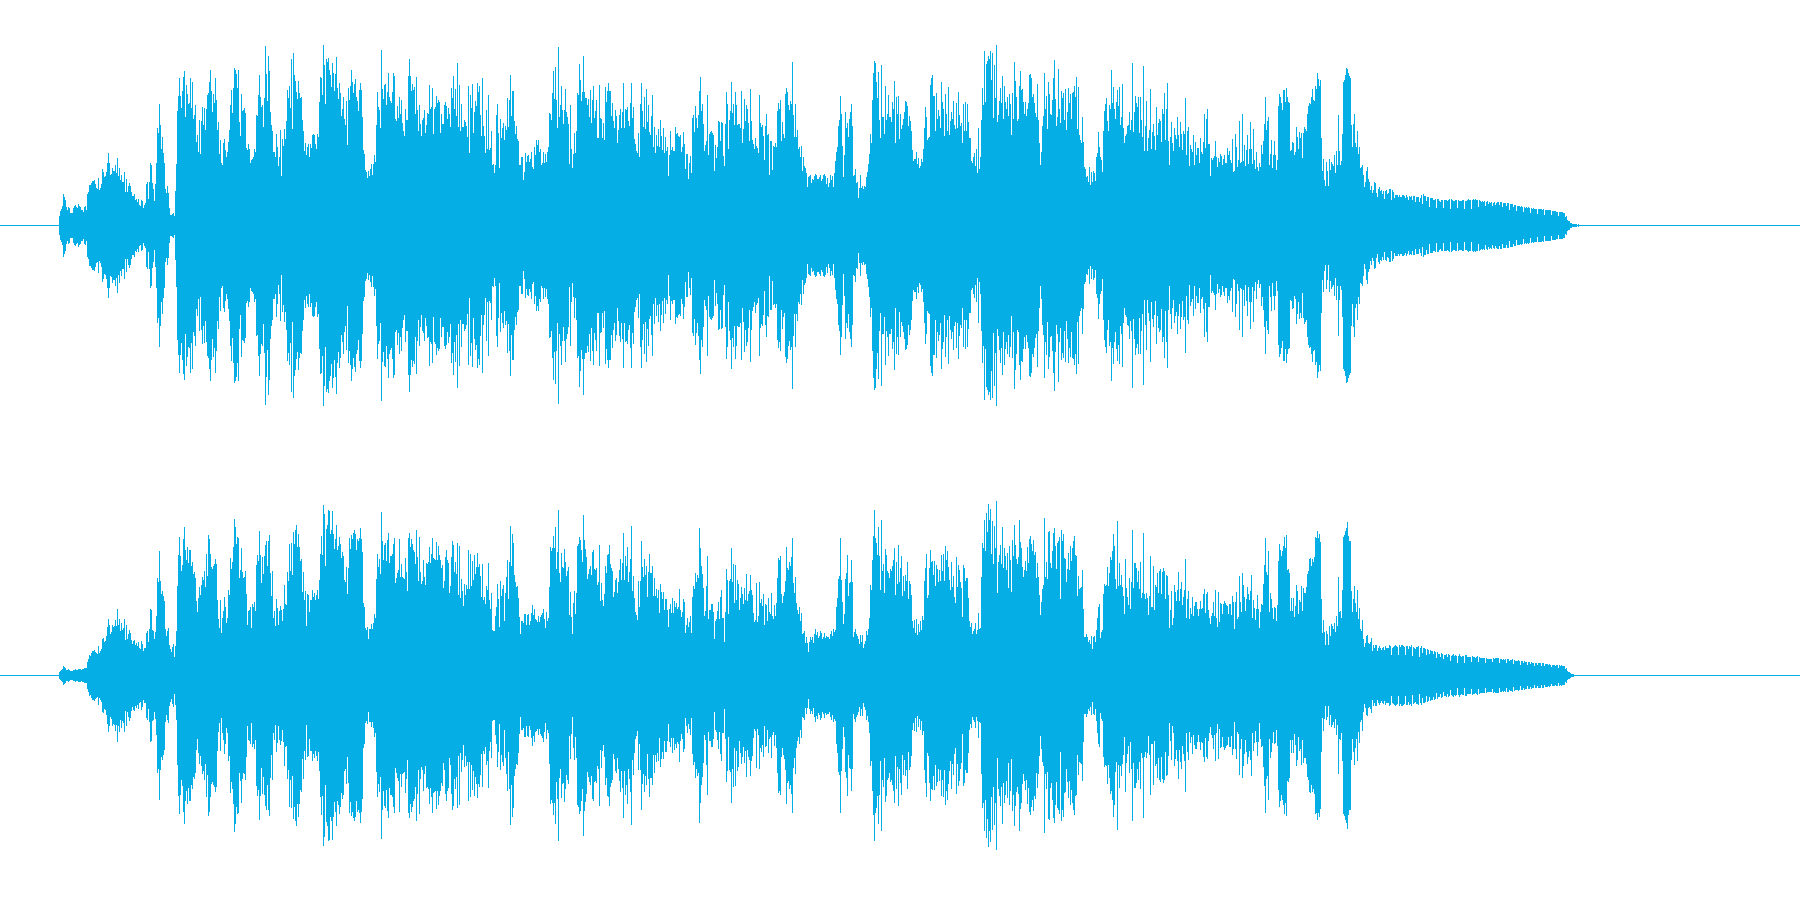 緩やかで可憐で優しい洋風ソングジングルの再生済みの波形